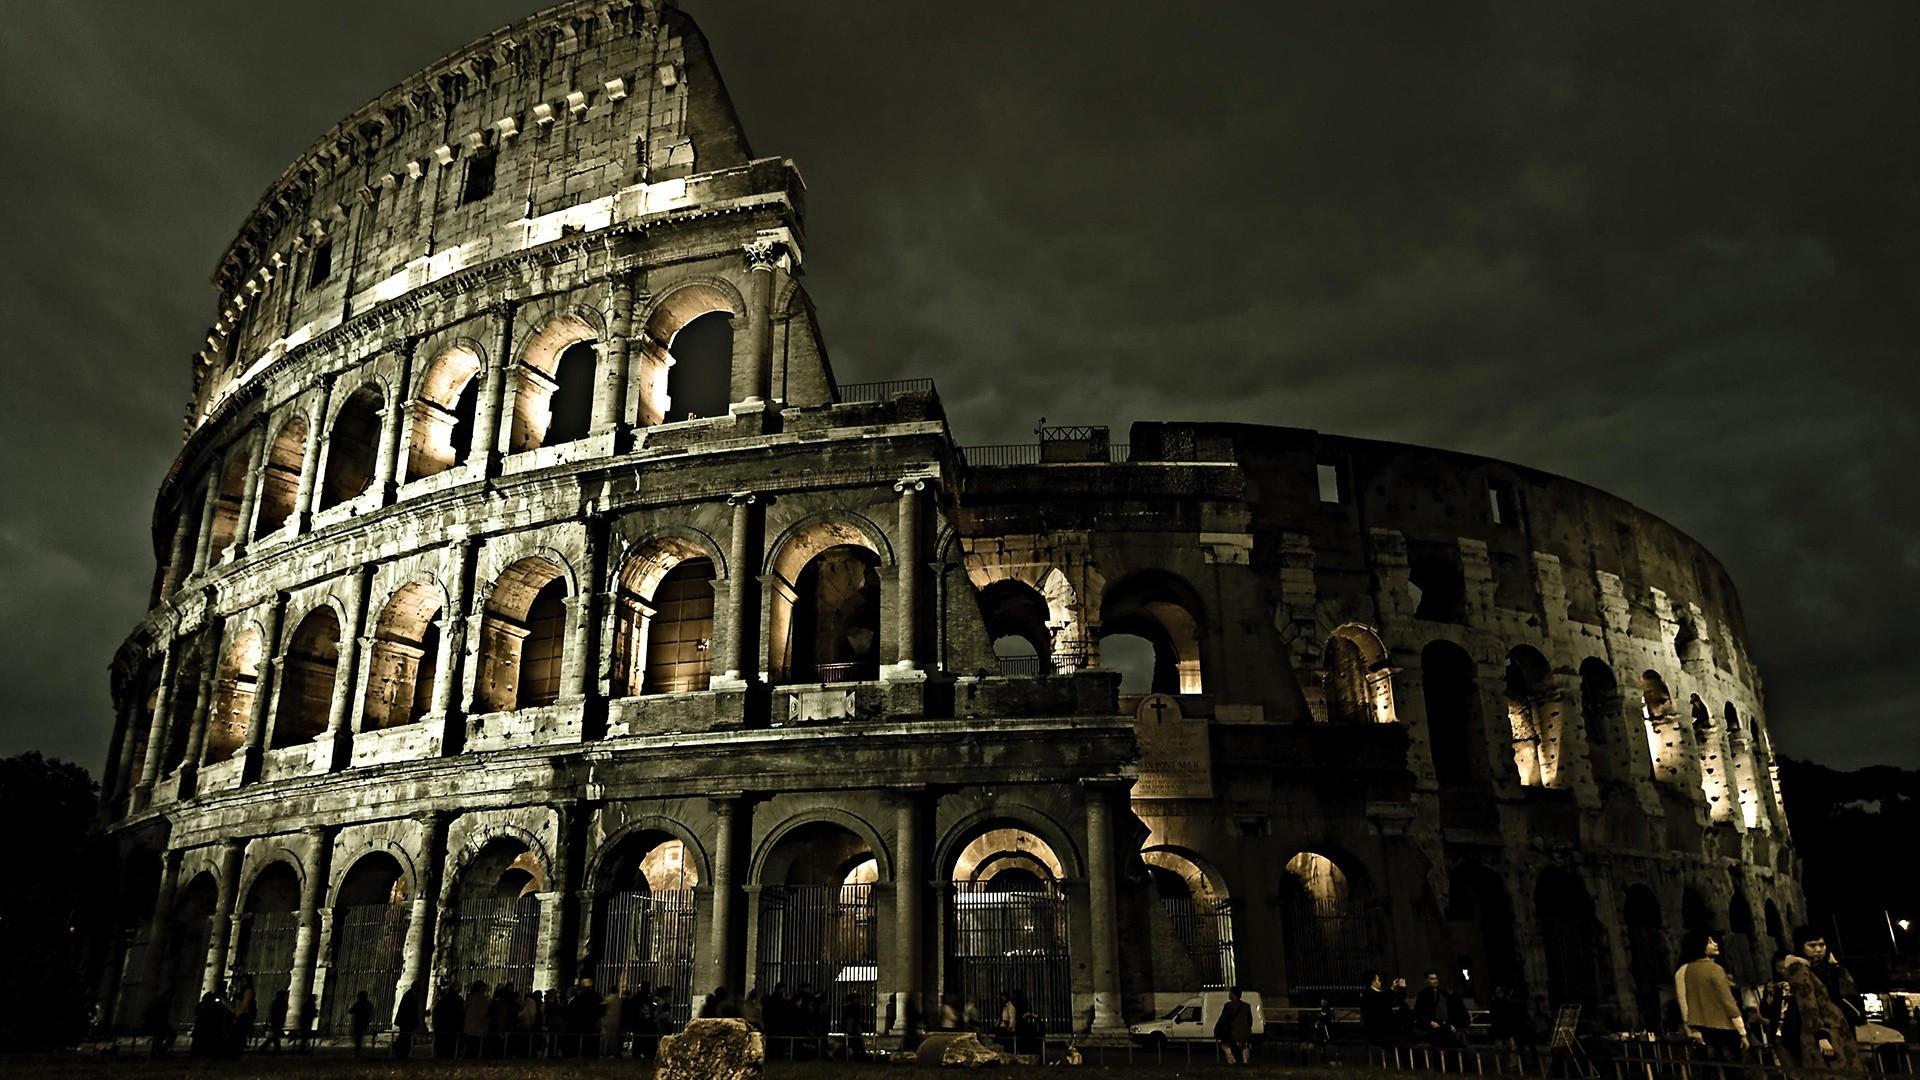 Wallpaper Cityscape Night Architecture Evening Rome